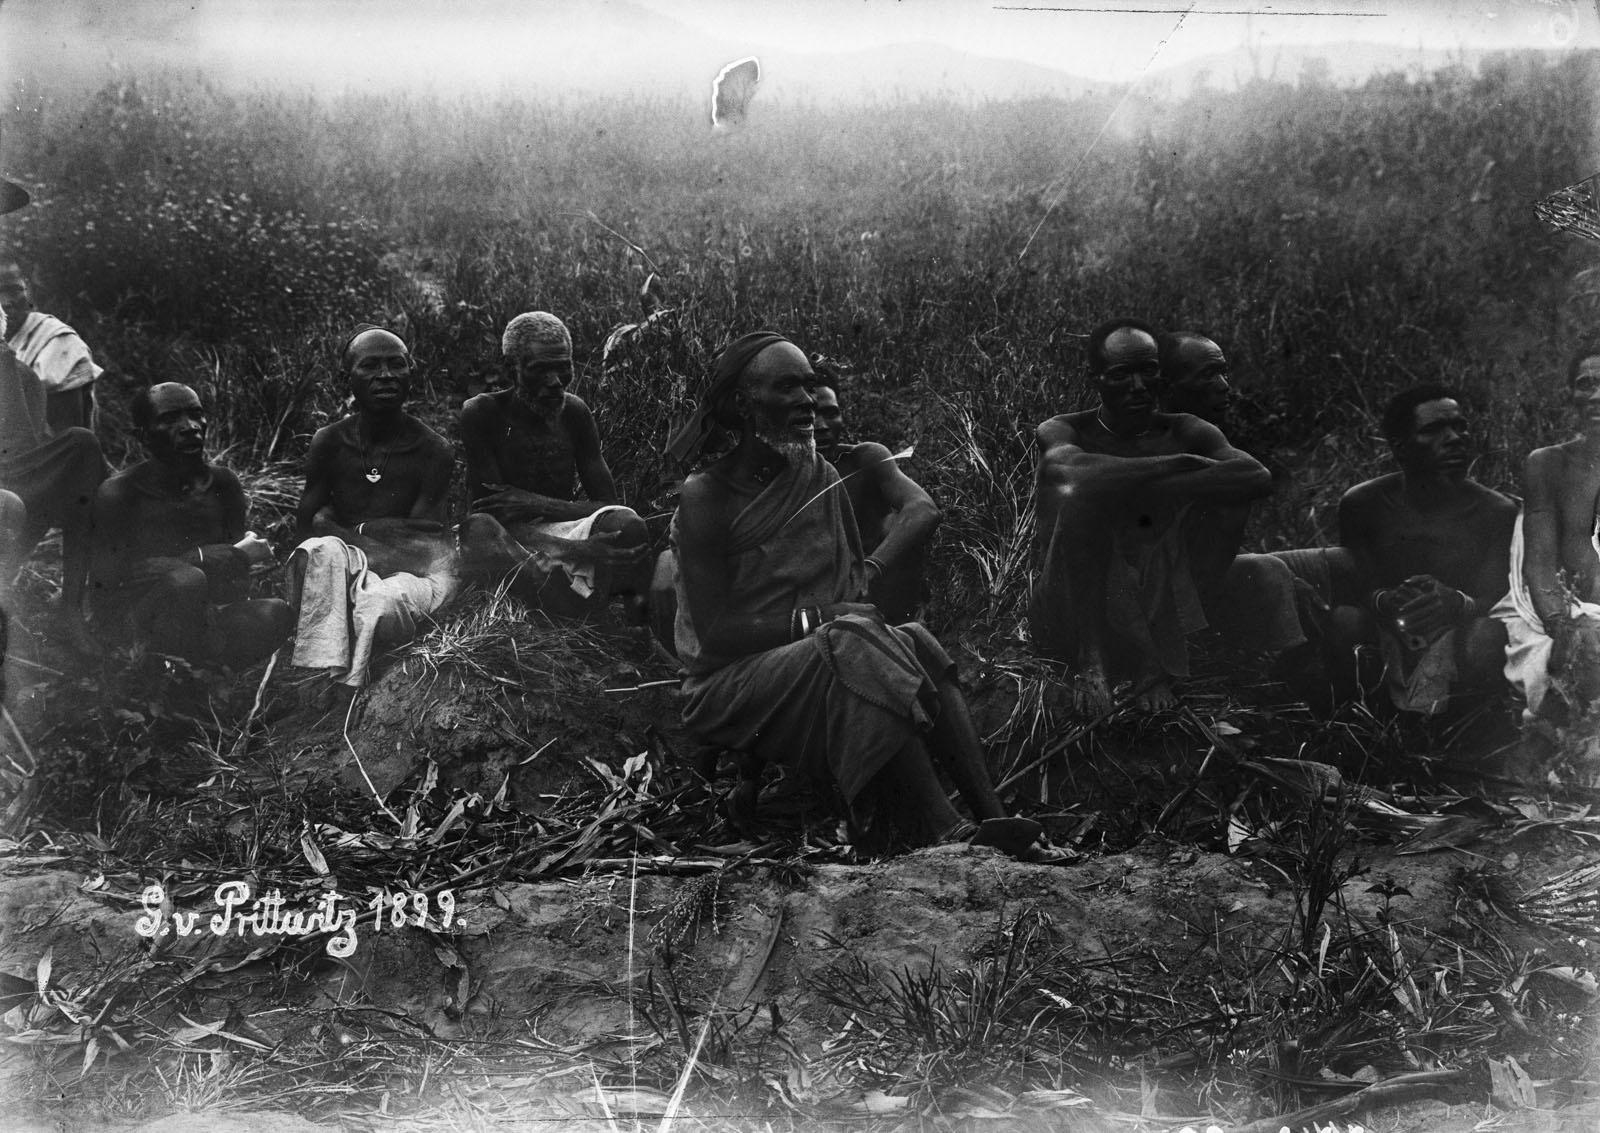 18. 1899. Портрет группы мужчин из Руквы